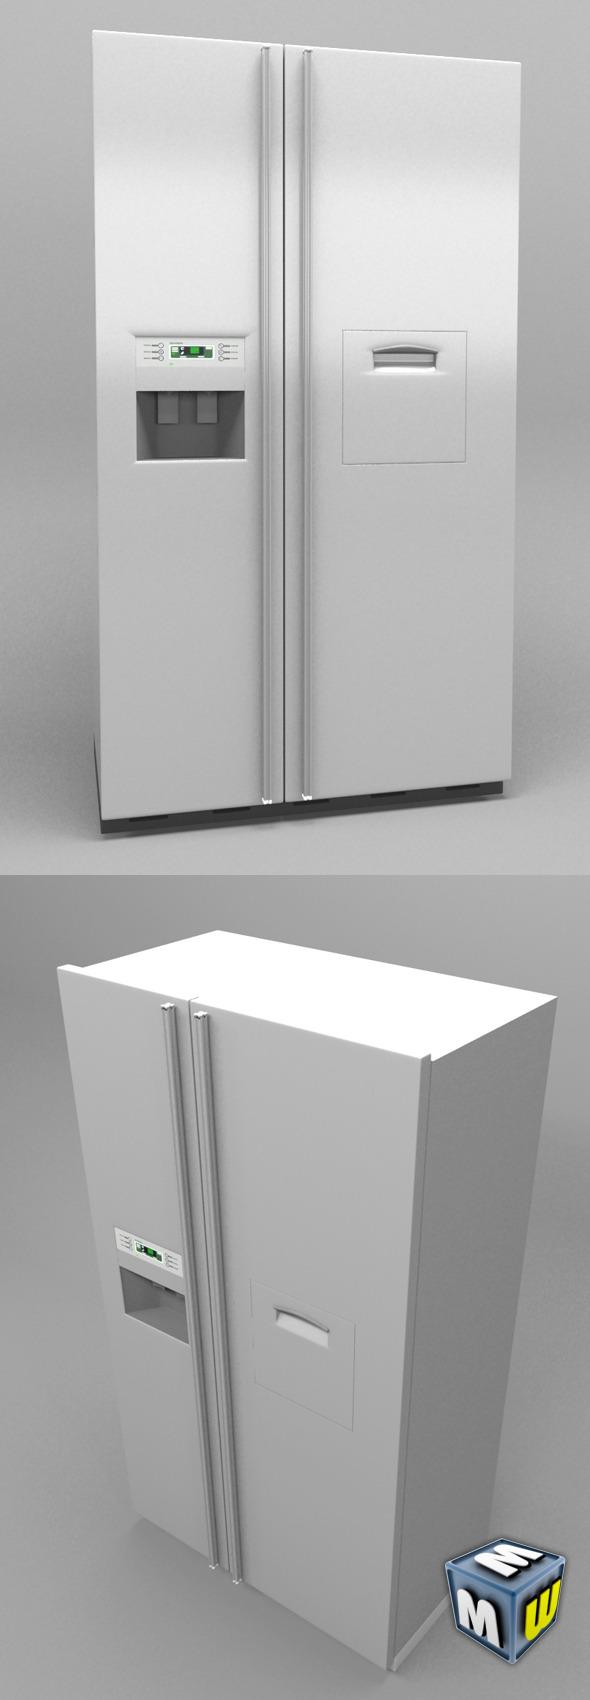 3DOcean Refrigerator Kitchen 5641355